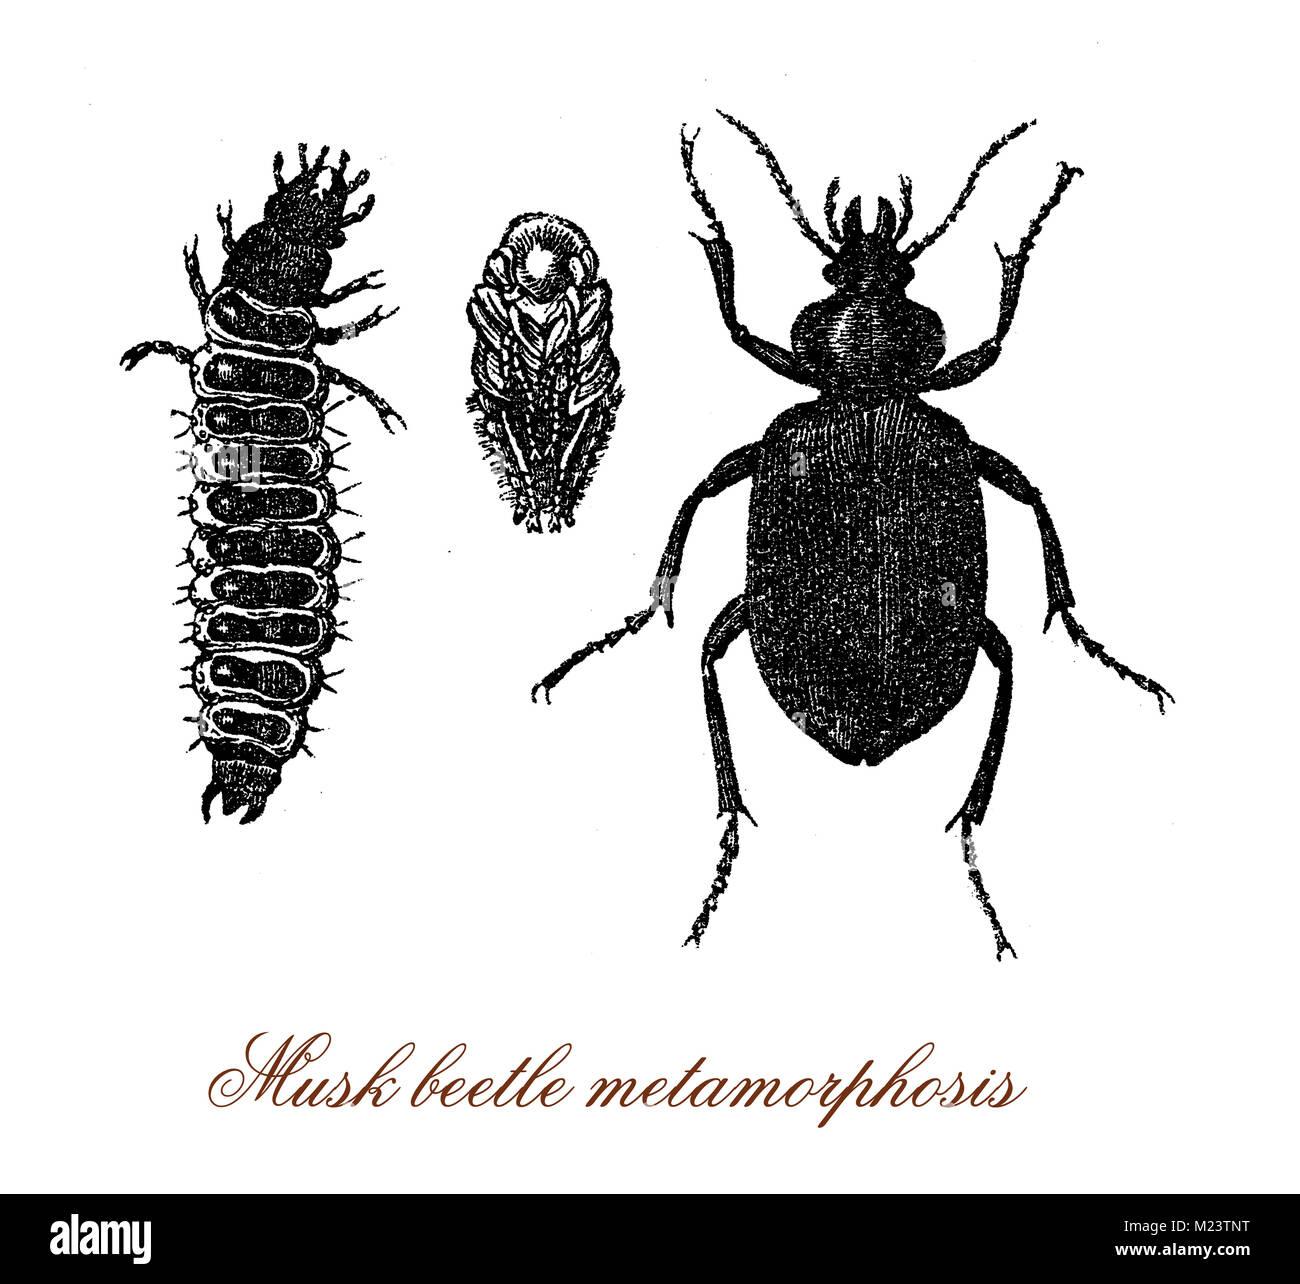 Musk beetle metamorphosis from larva to adult, vintage engraving - Stock Image